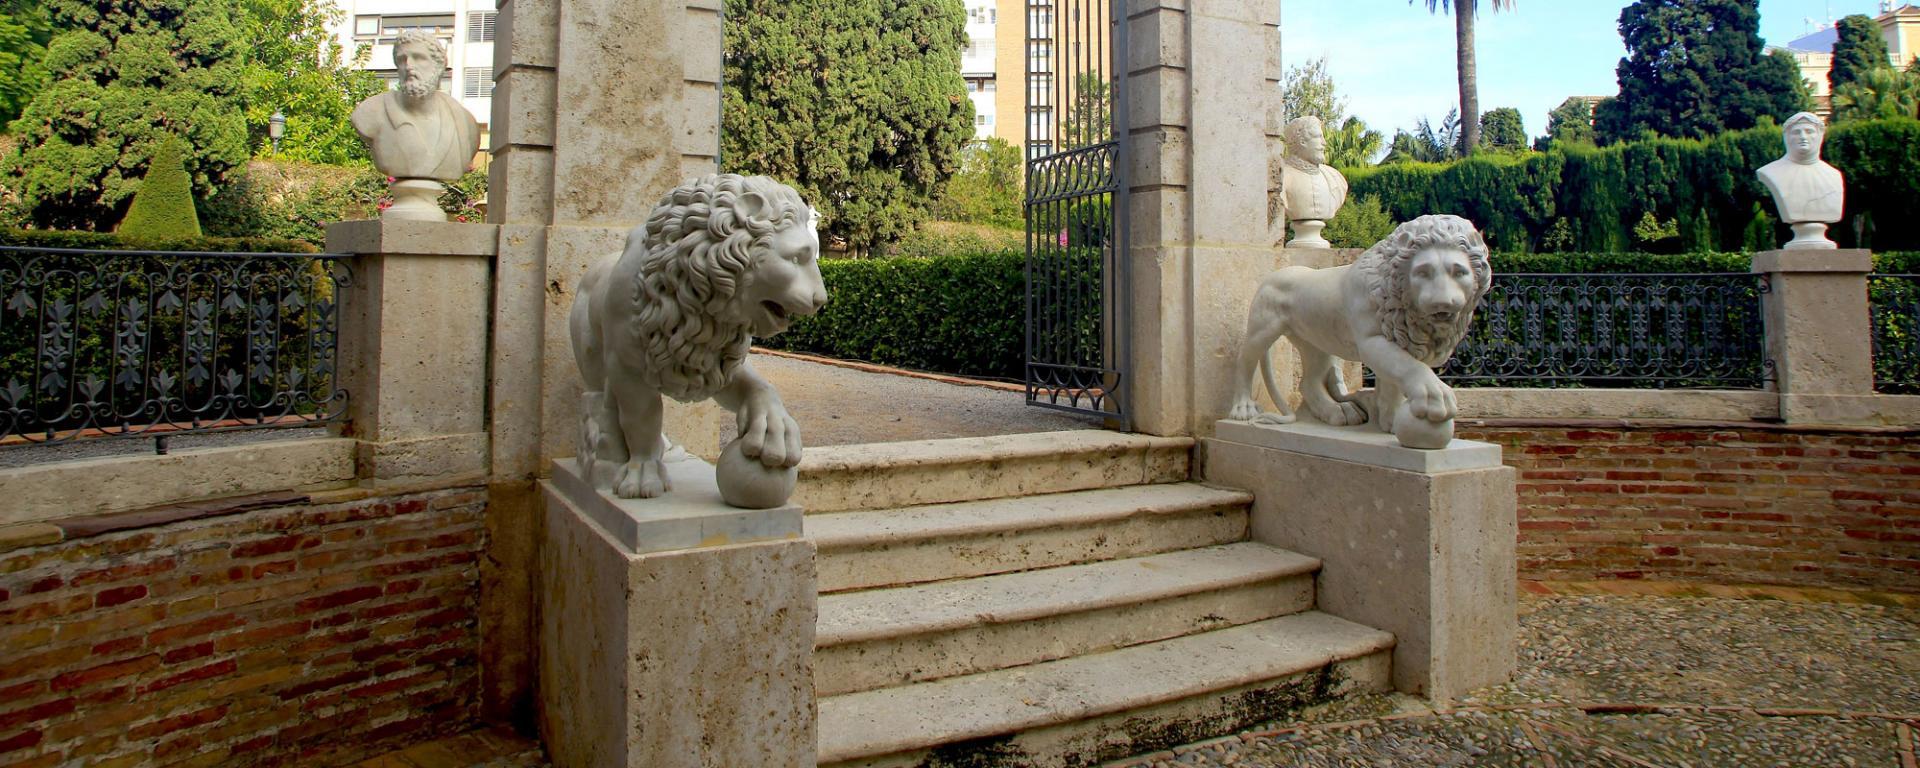 En 1864 Juan Bautista Romero, propietario y promotor del jardín, adquirió los leones para su palacete. Esculturas de José Bellver Collazos, realizadas para la escalinata del Congreso de los Diputados. No llegaron a ubicarse en ella al considerarlos demasiados pequeños.